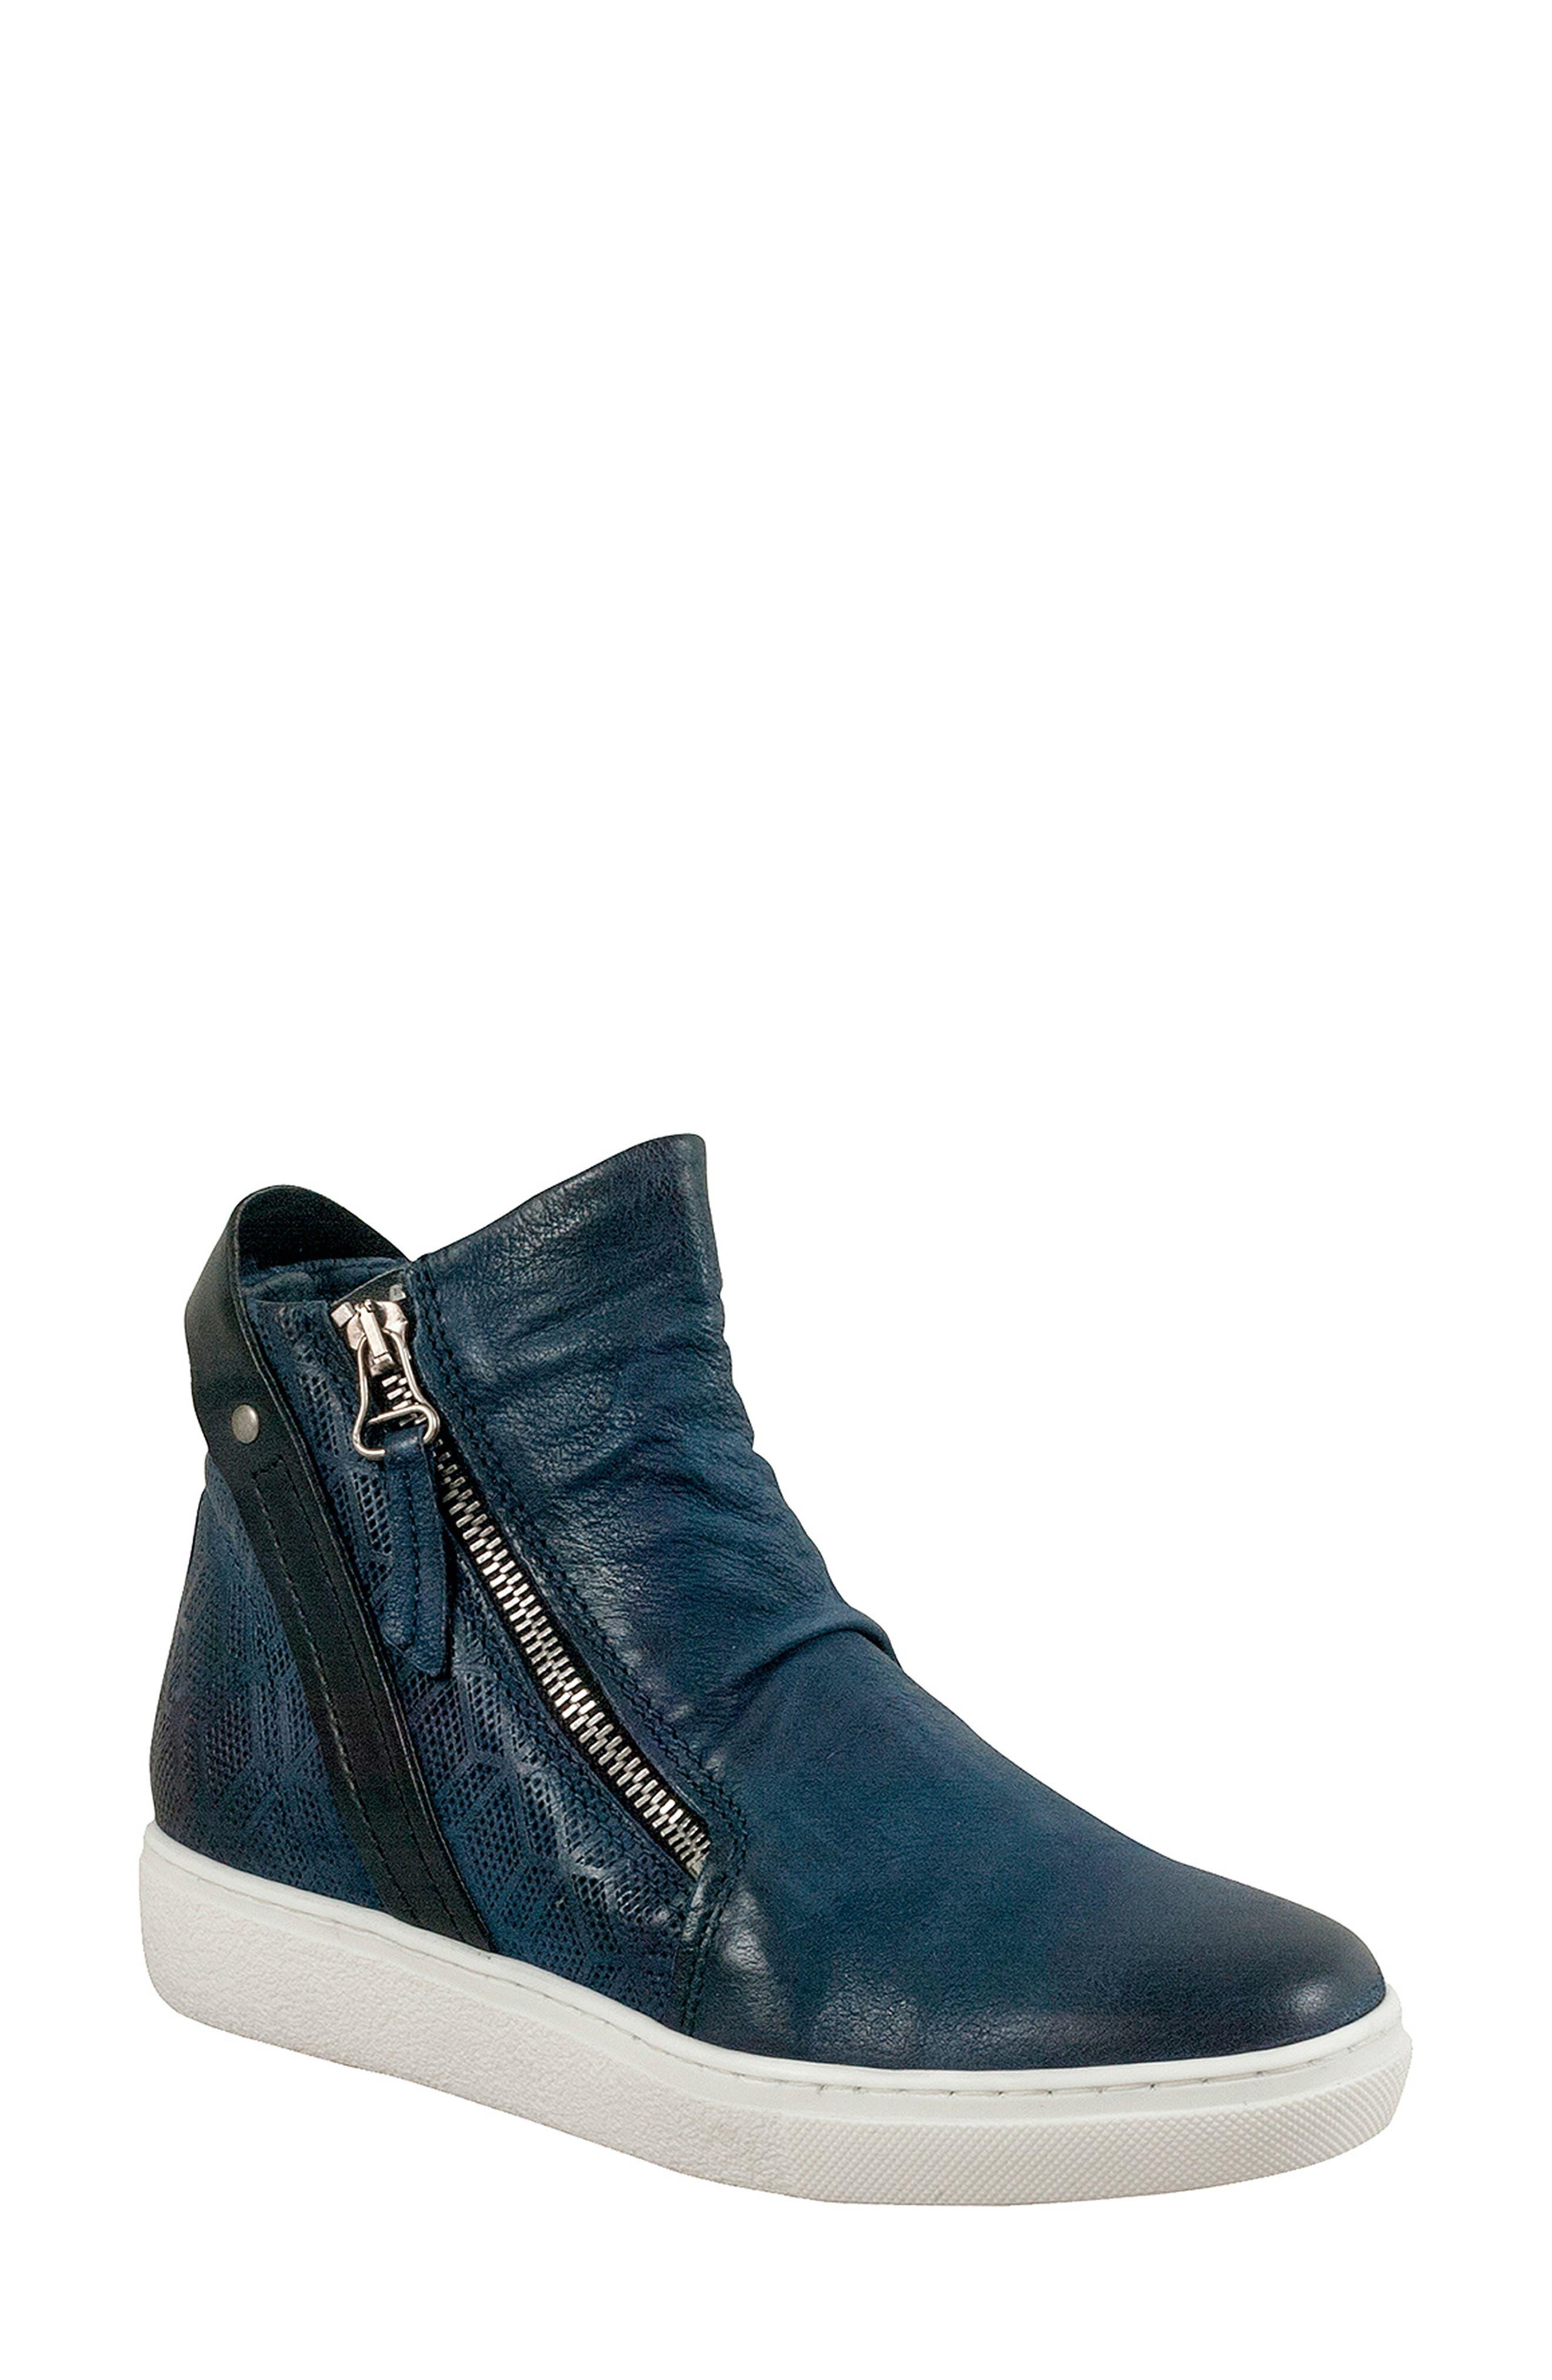 Miz Mooz Lulu High Top Sneaker